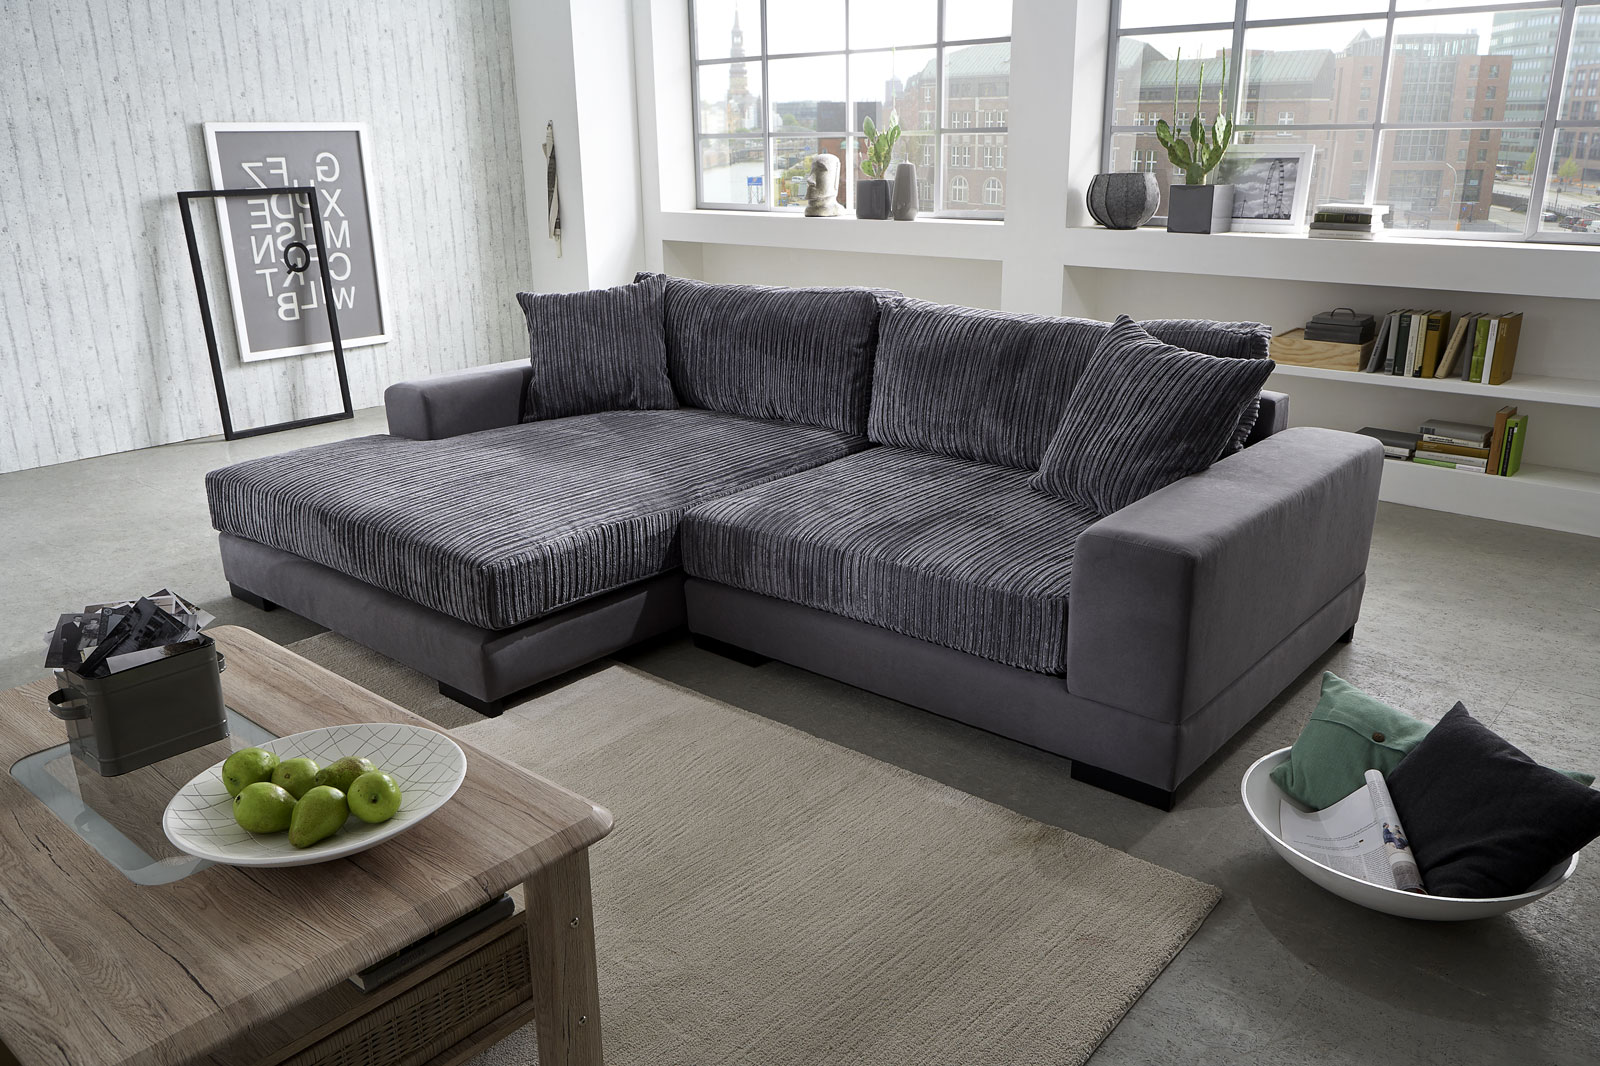 sam wohnzimmer sofalandschaft ausstellungsst ck zum halben preis. Black Bedroom Furniture Sets. Home Design Ideas